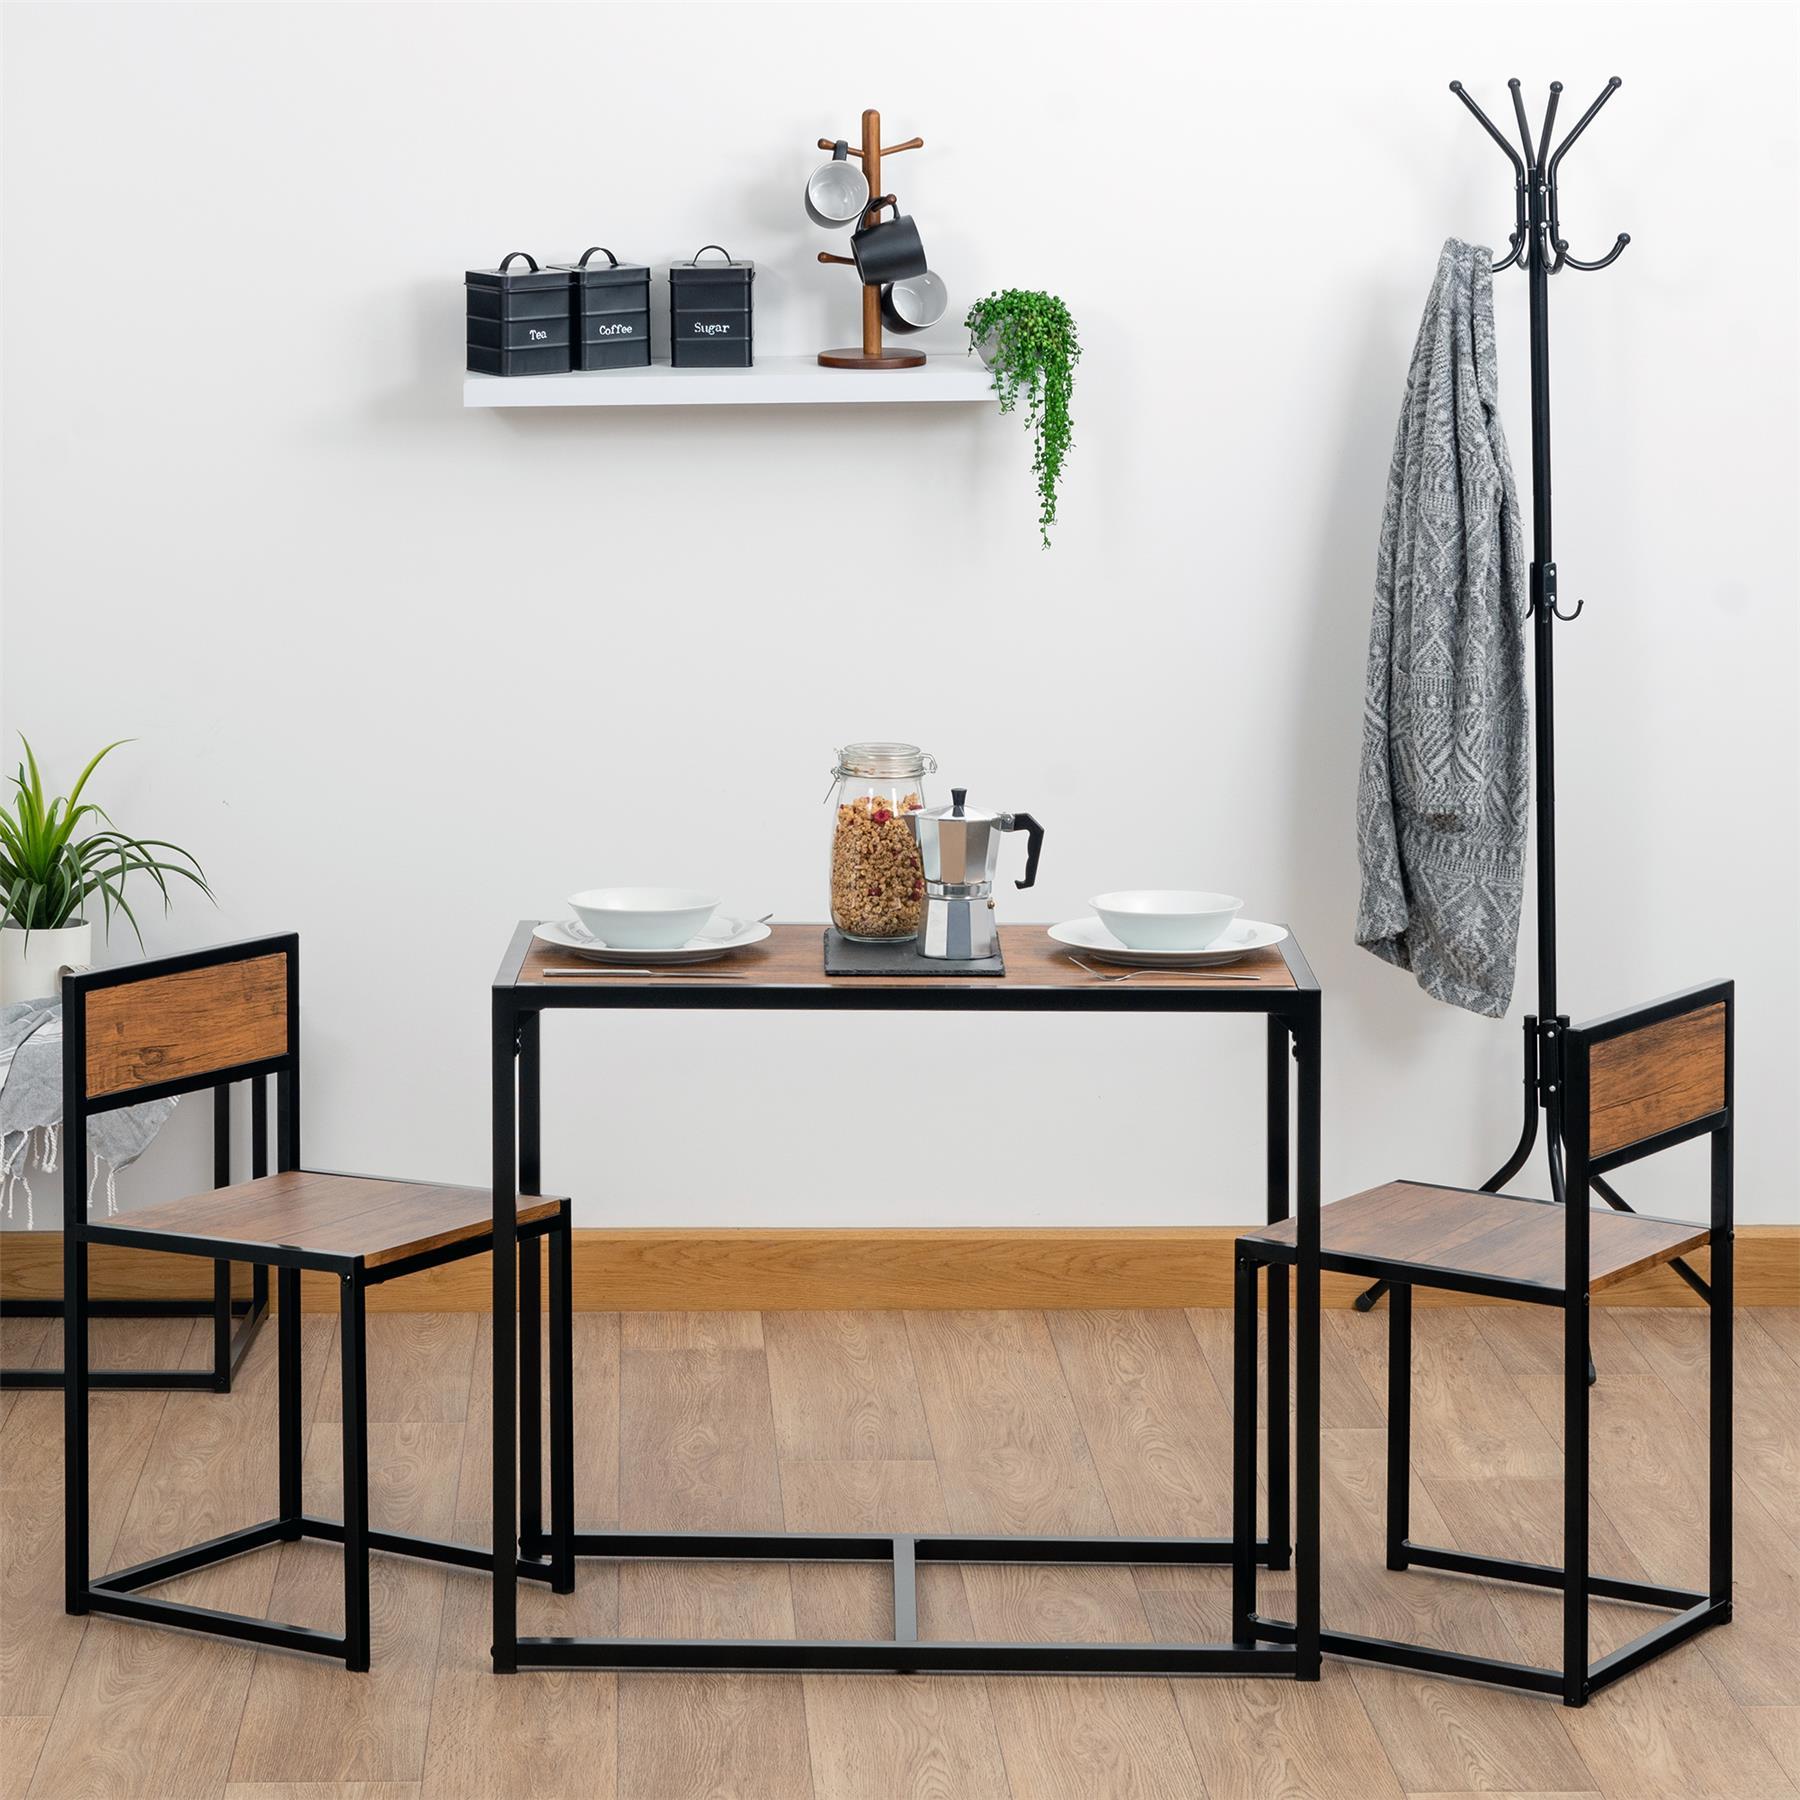 details sur 2 personne economie d espace compact cuisine table a manger et chaises